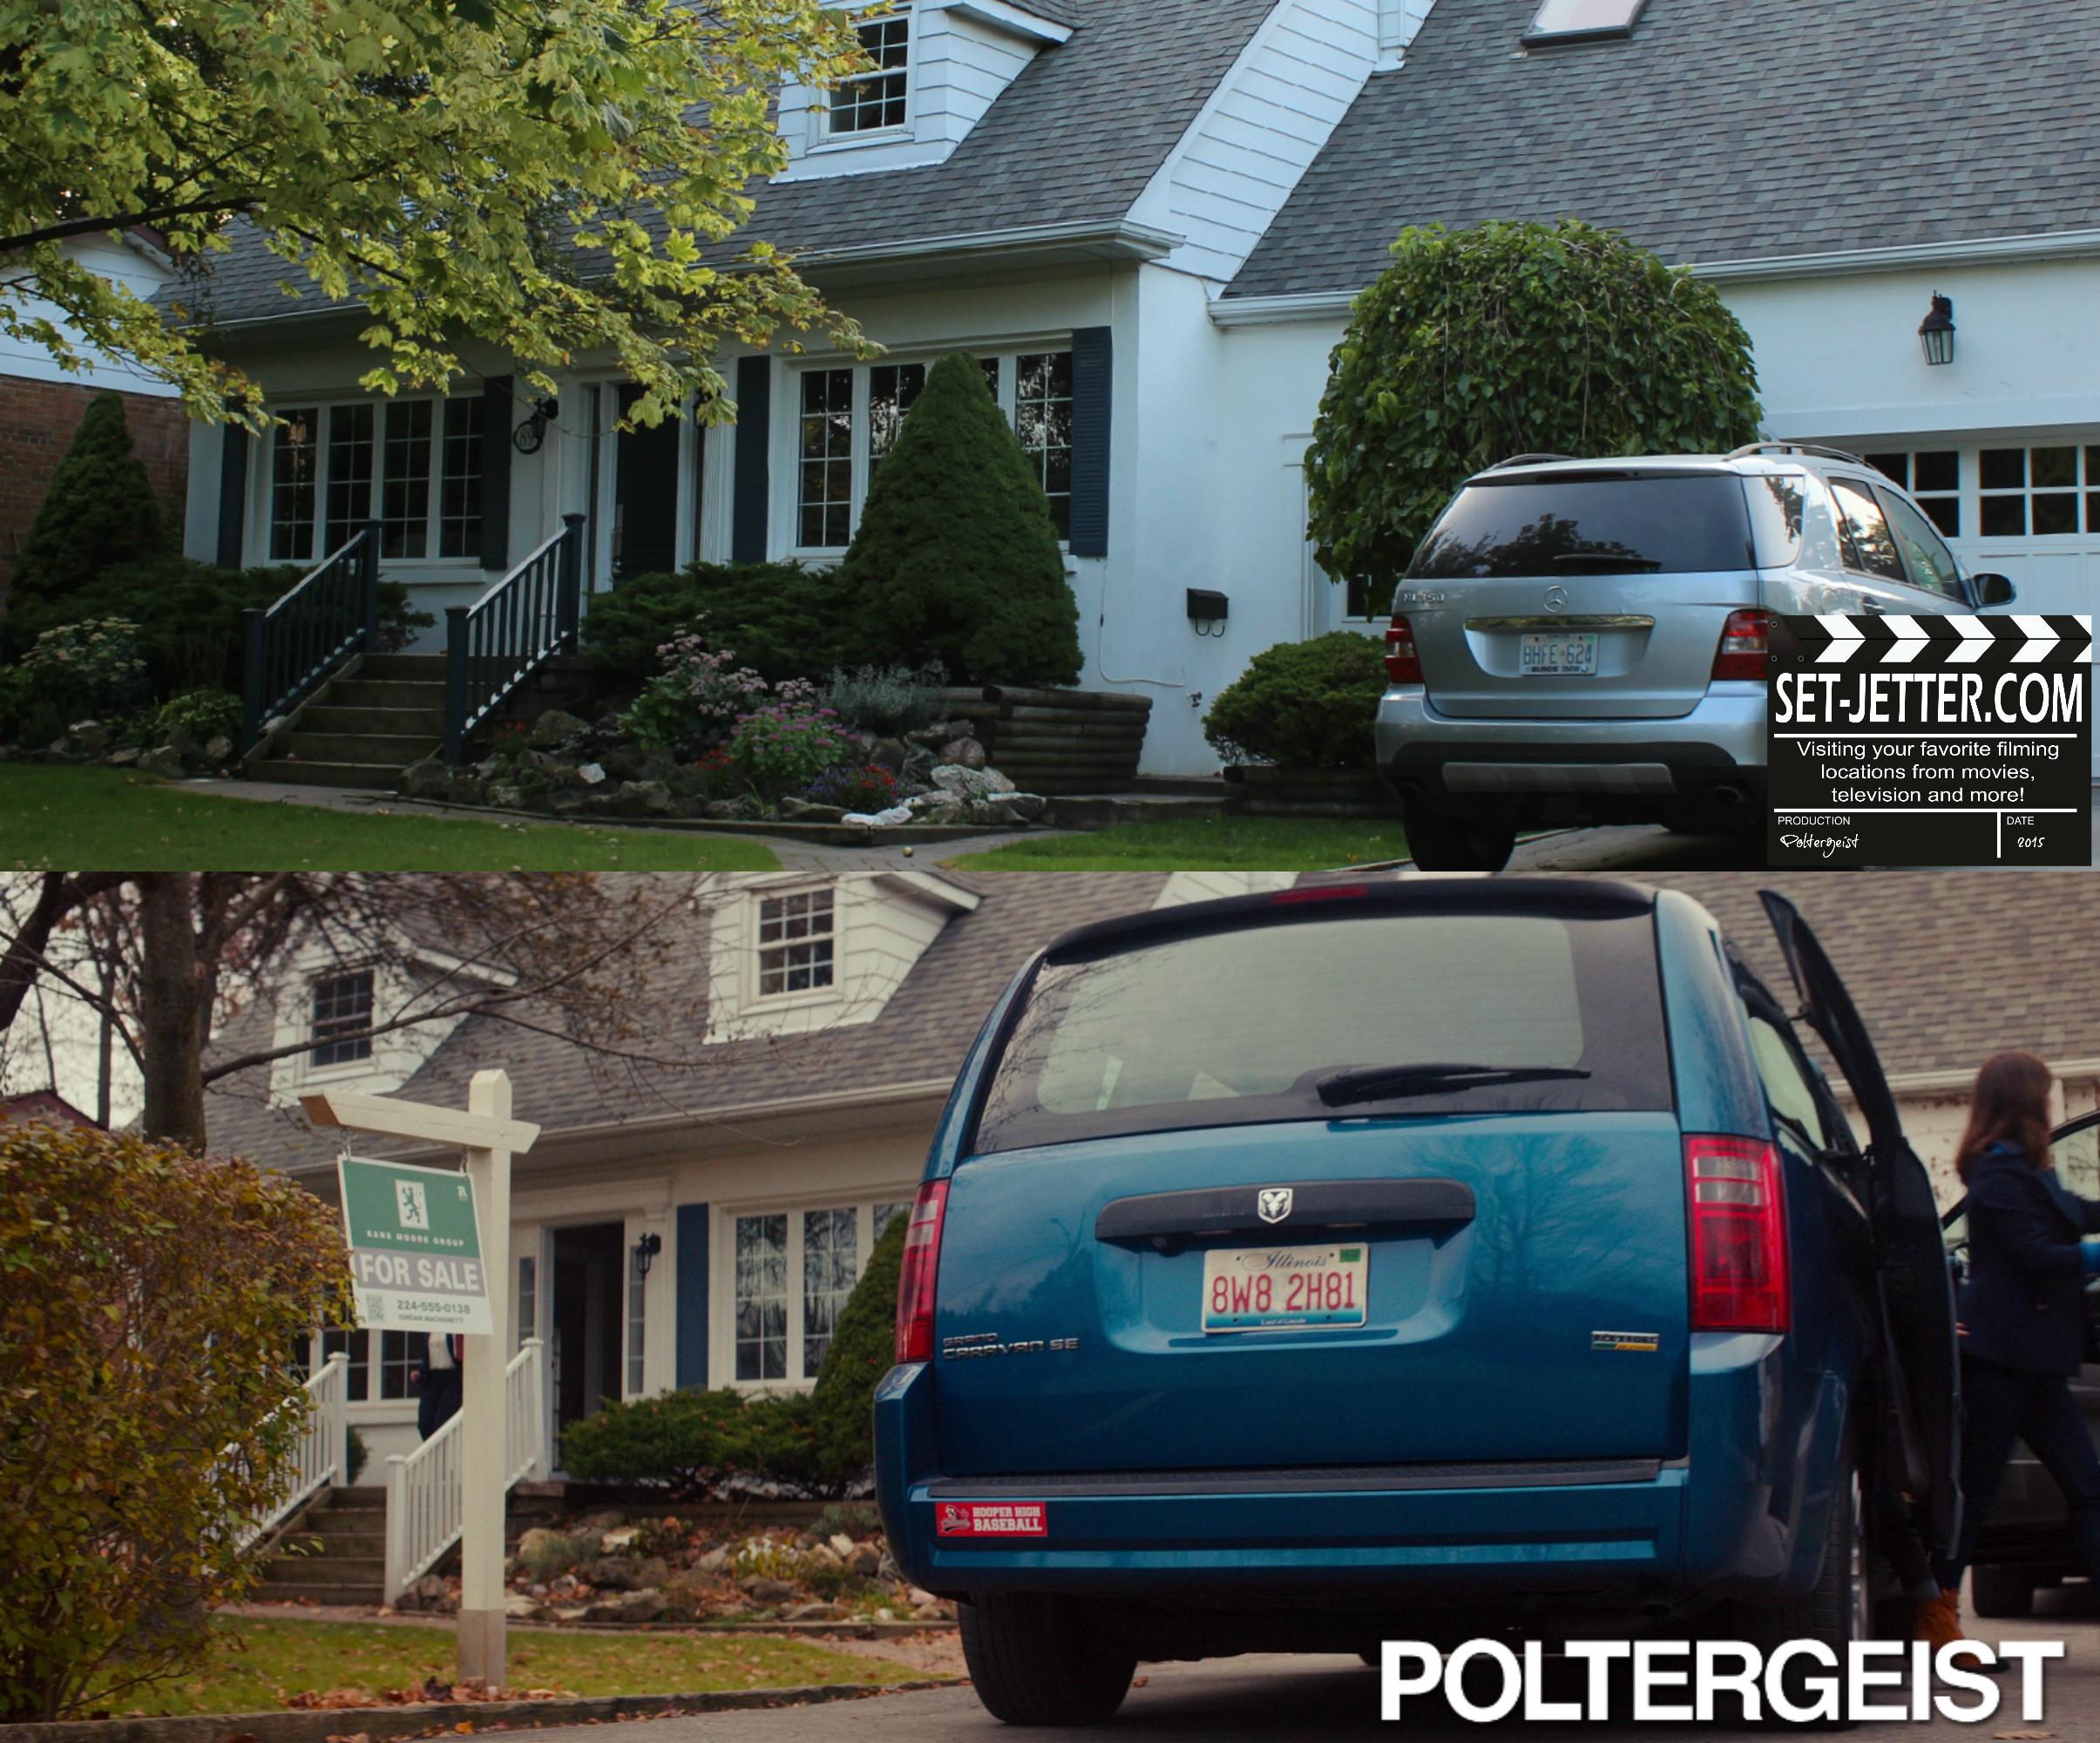 Poltergeist comparison 15.jpg